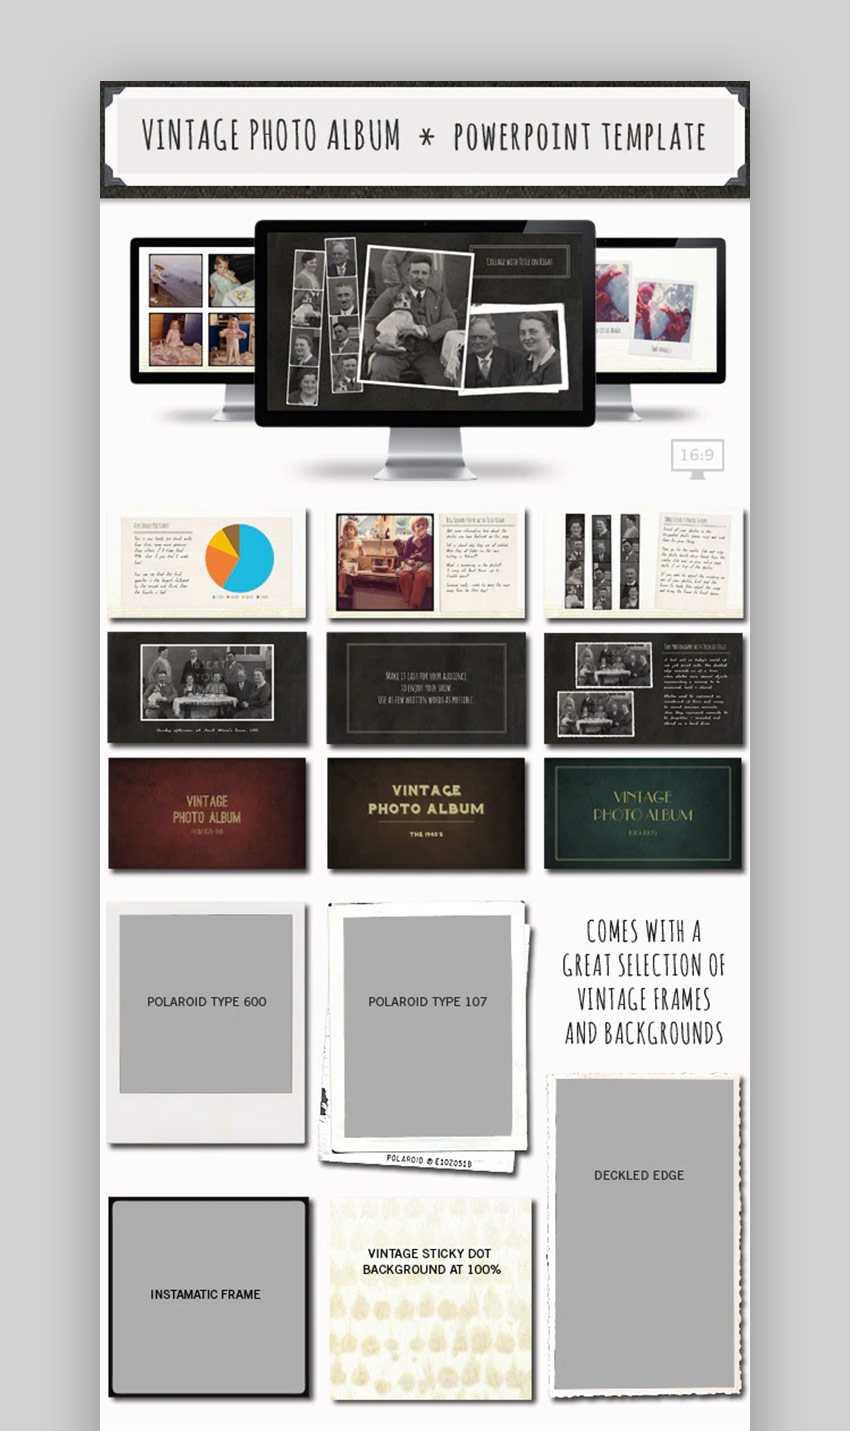 20 Best Free Powerpoint Photo Album & Ppt Slideshow Pertaining To Powerpoint Photo Album Template